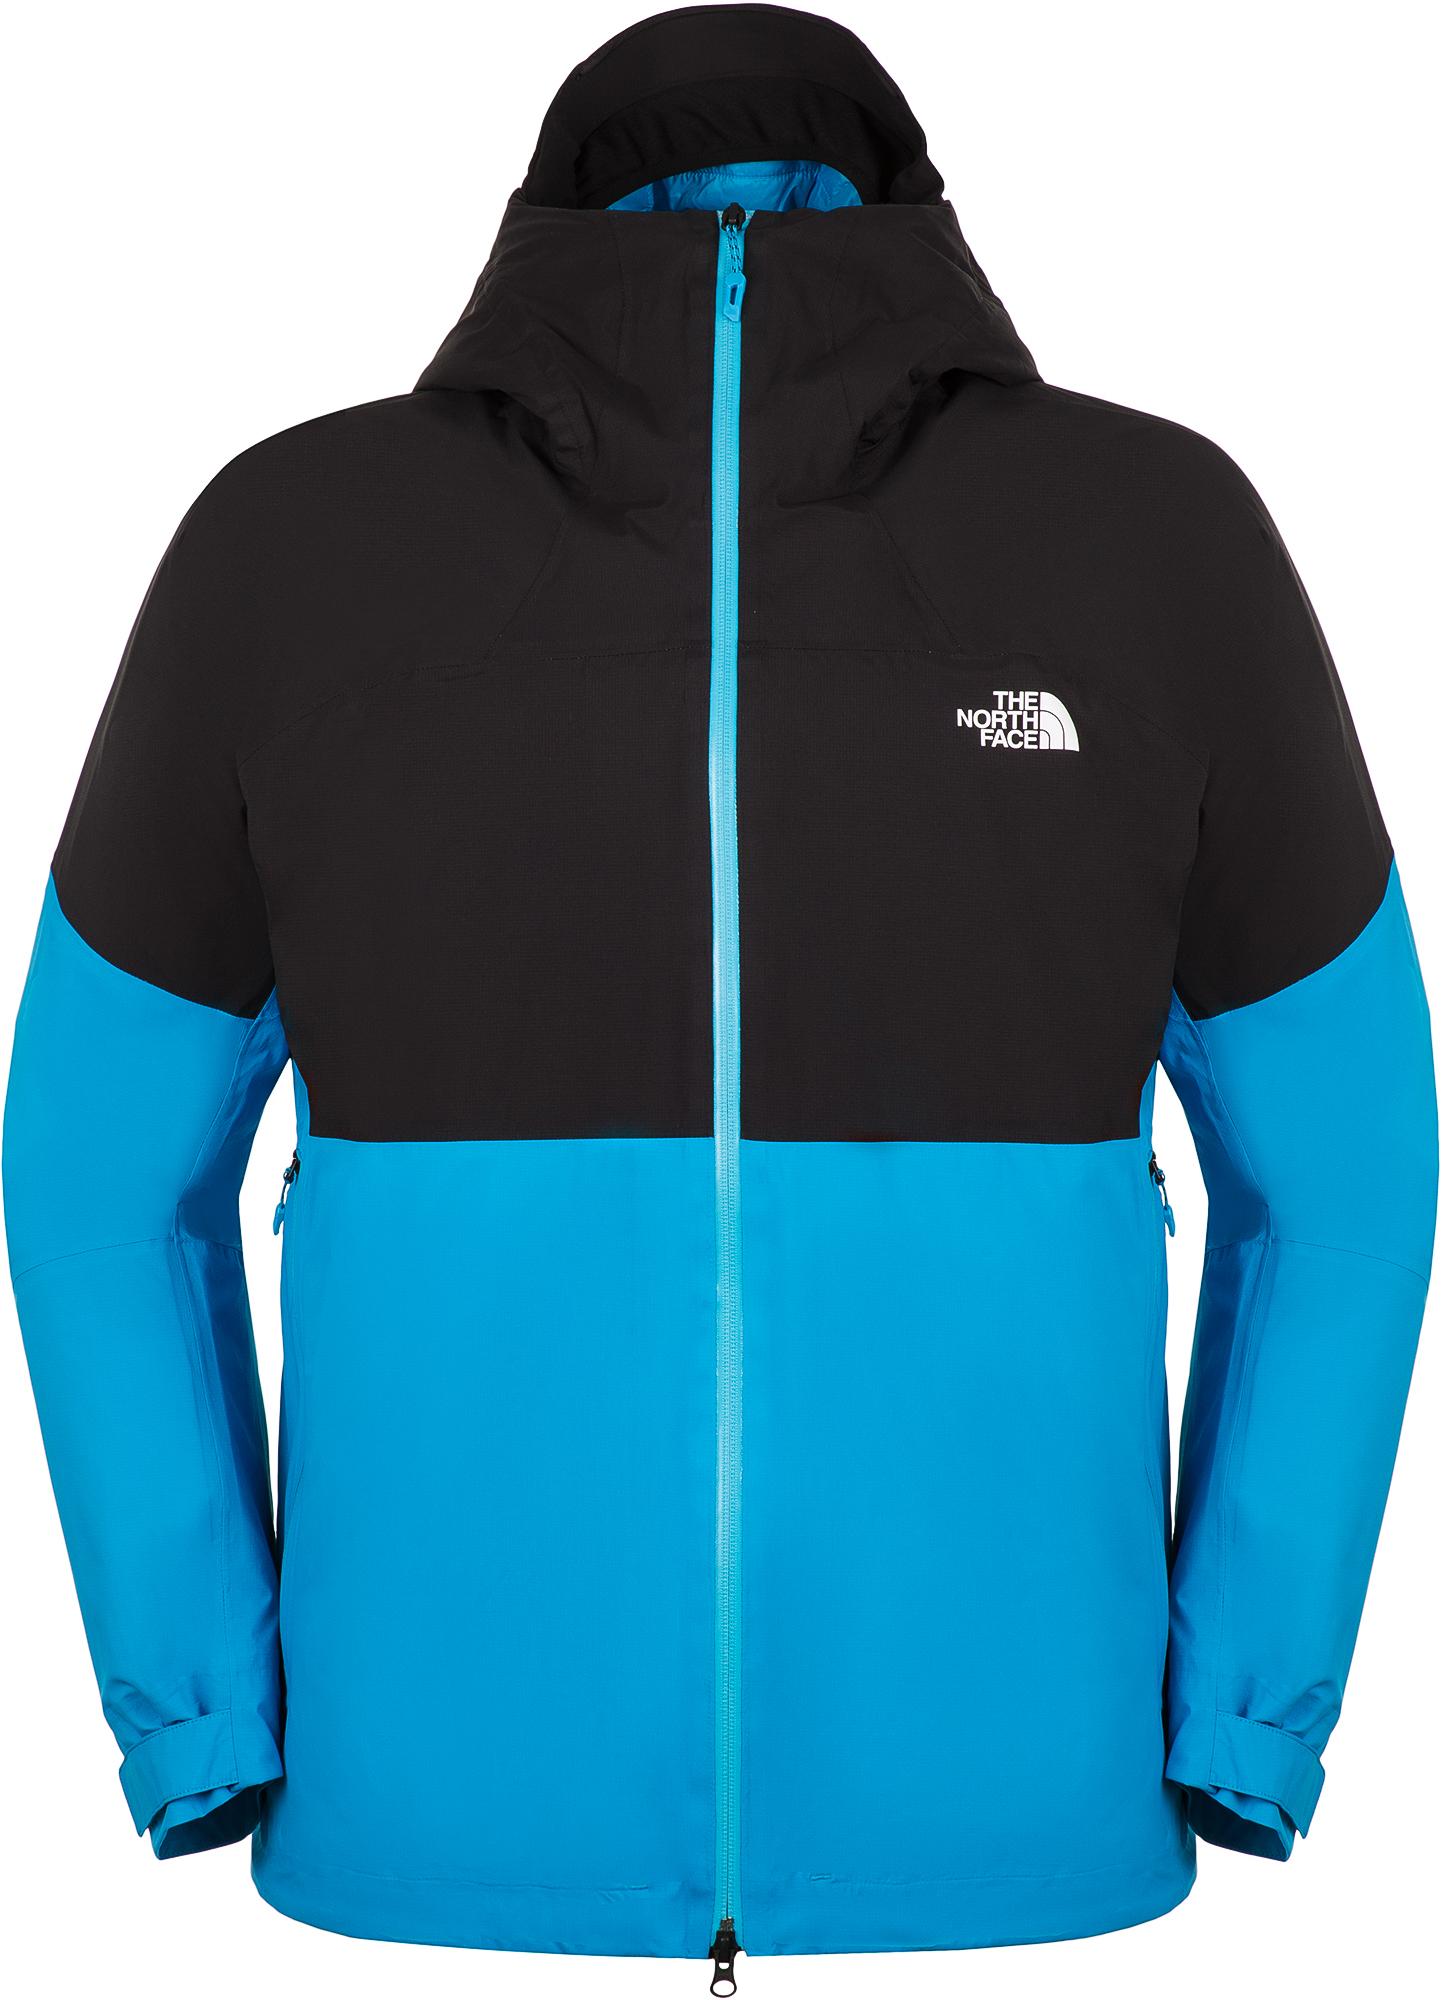 The North Face Куртка утепленная мужская Impendor, размер 52